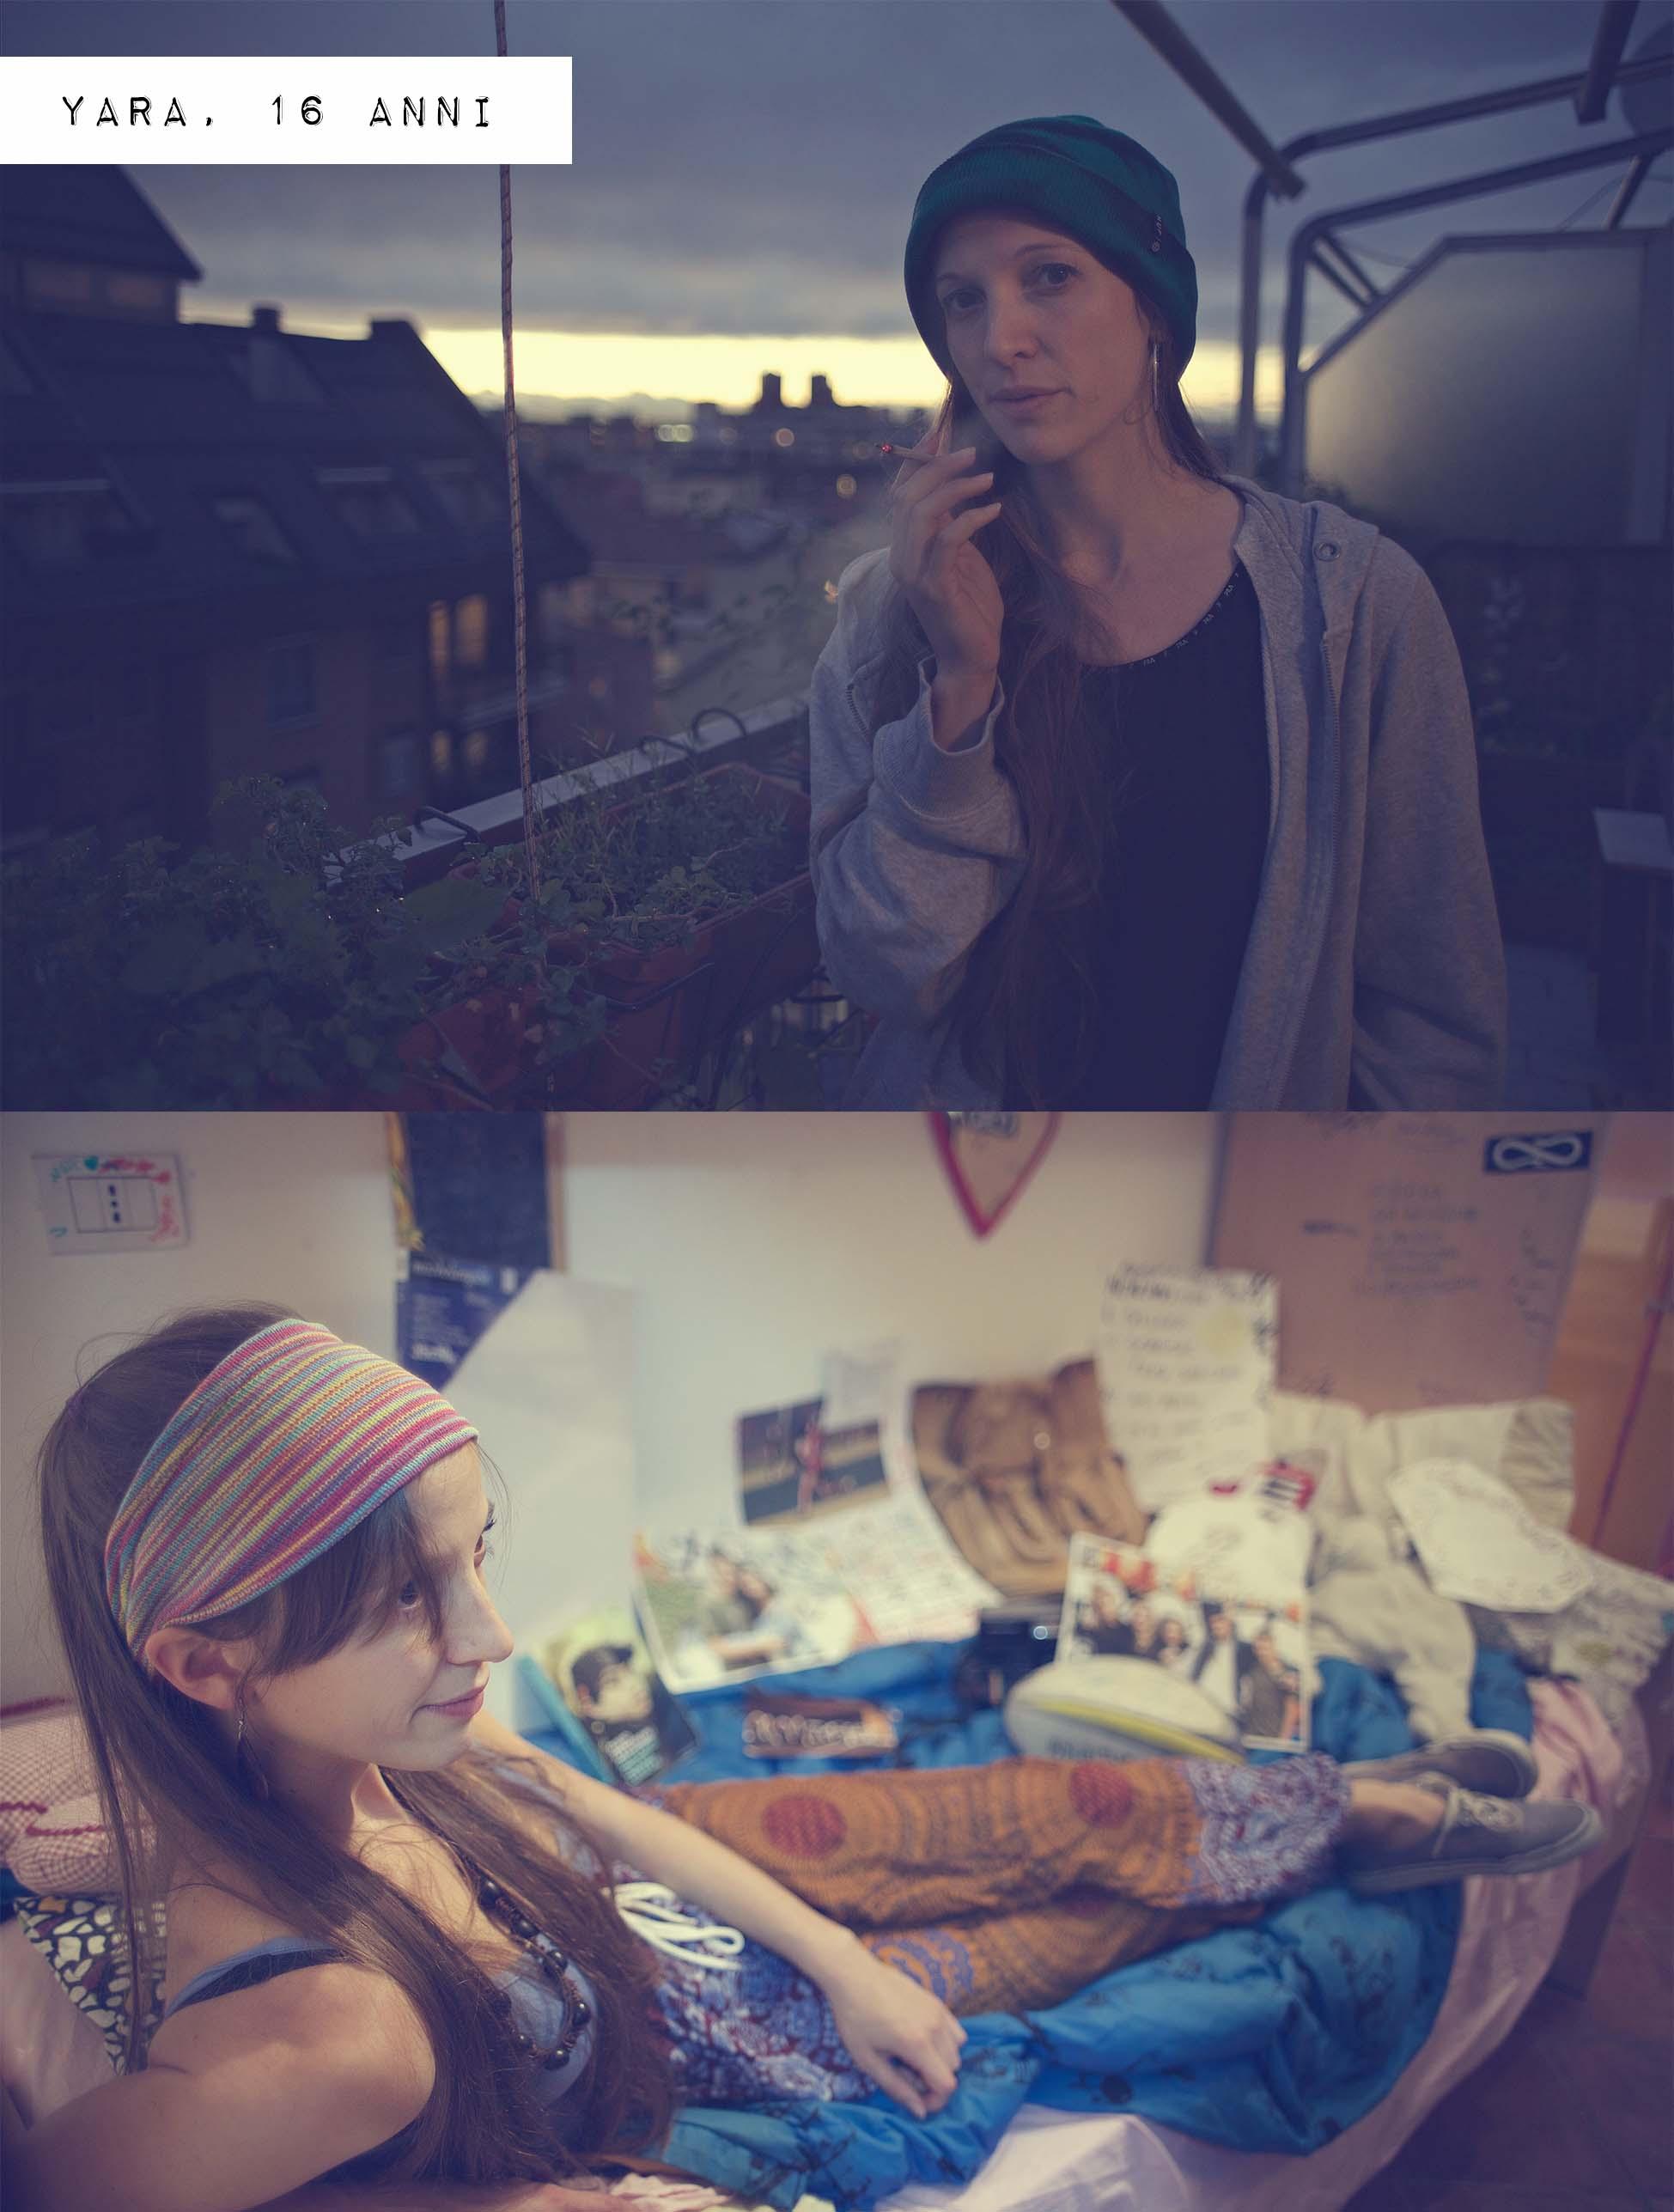 Yara, 16 anni